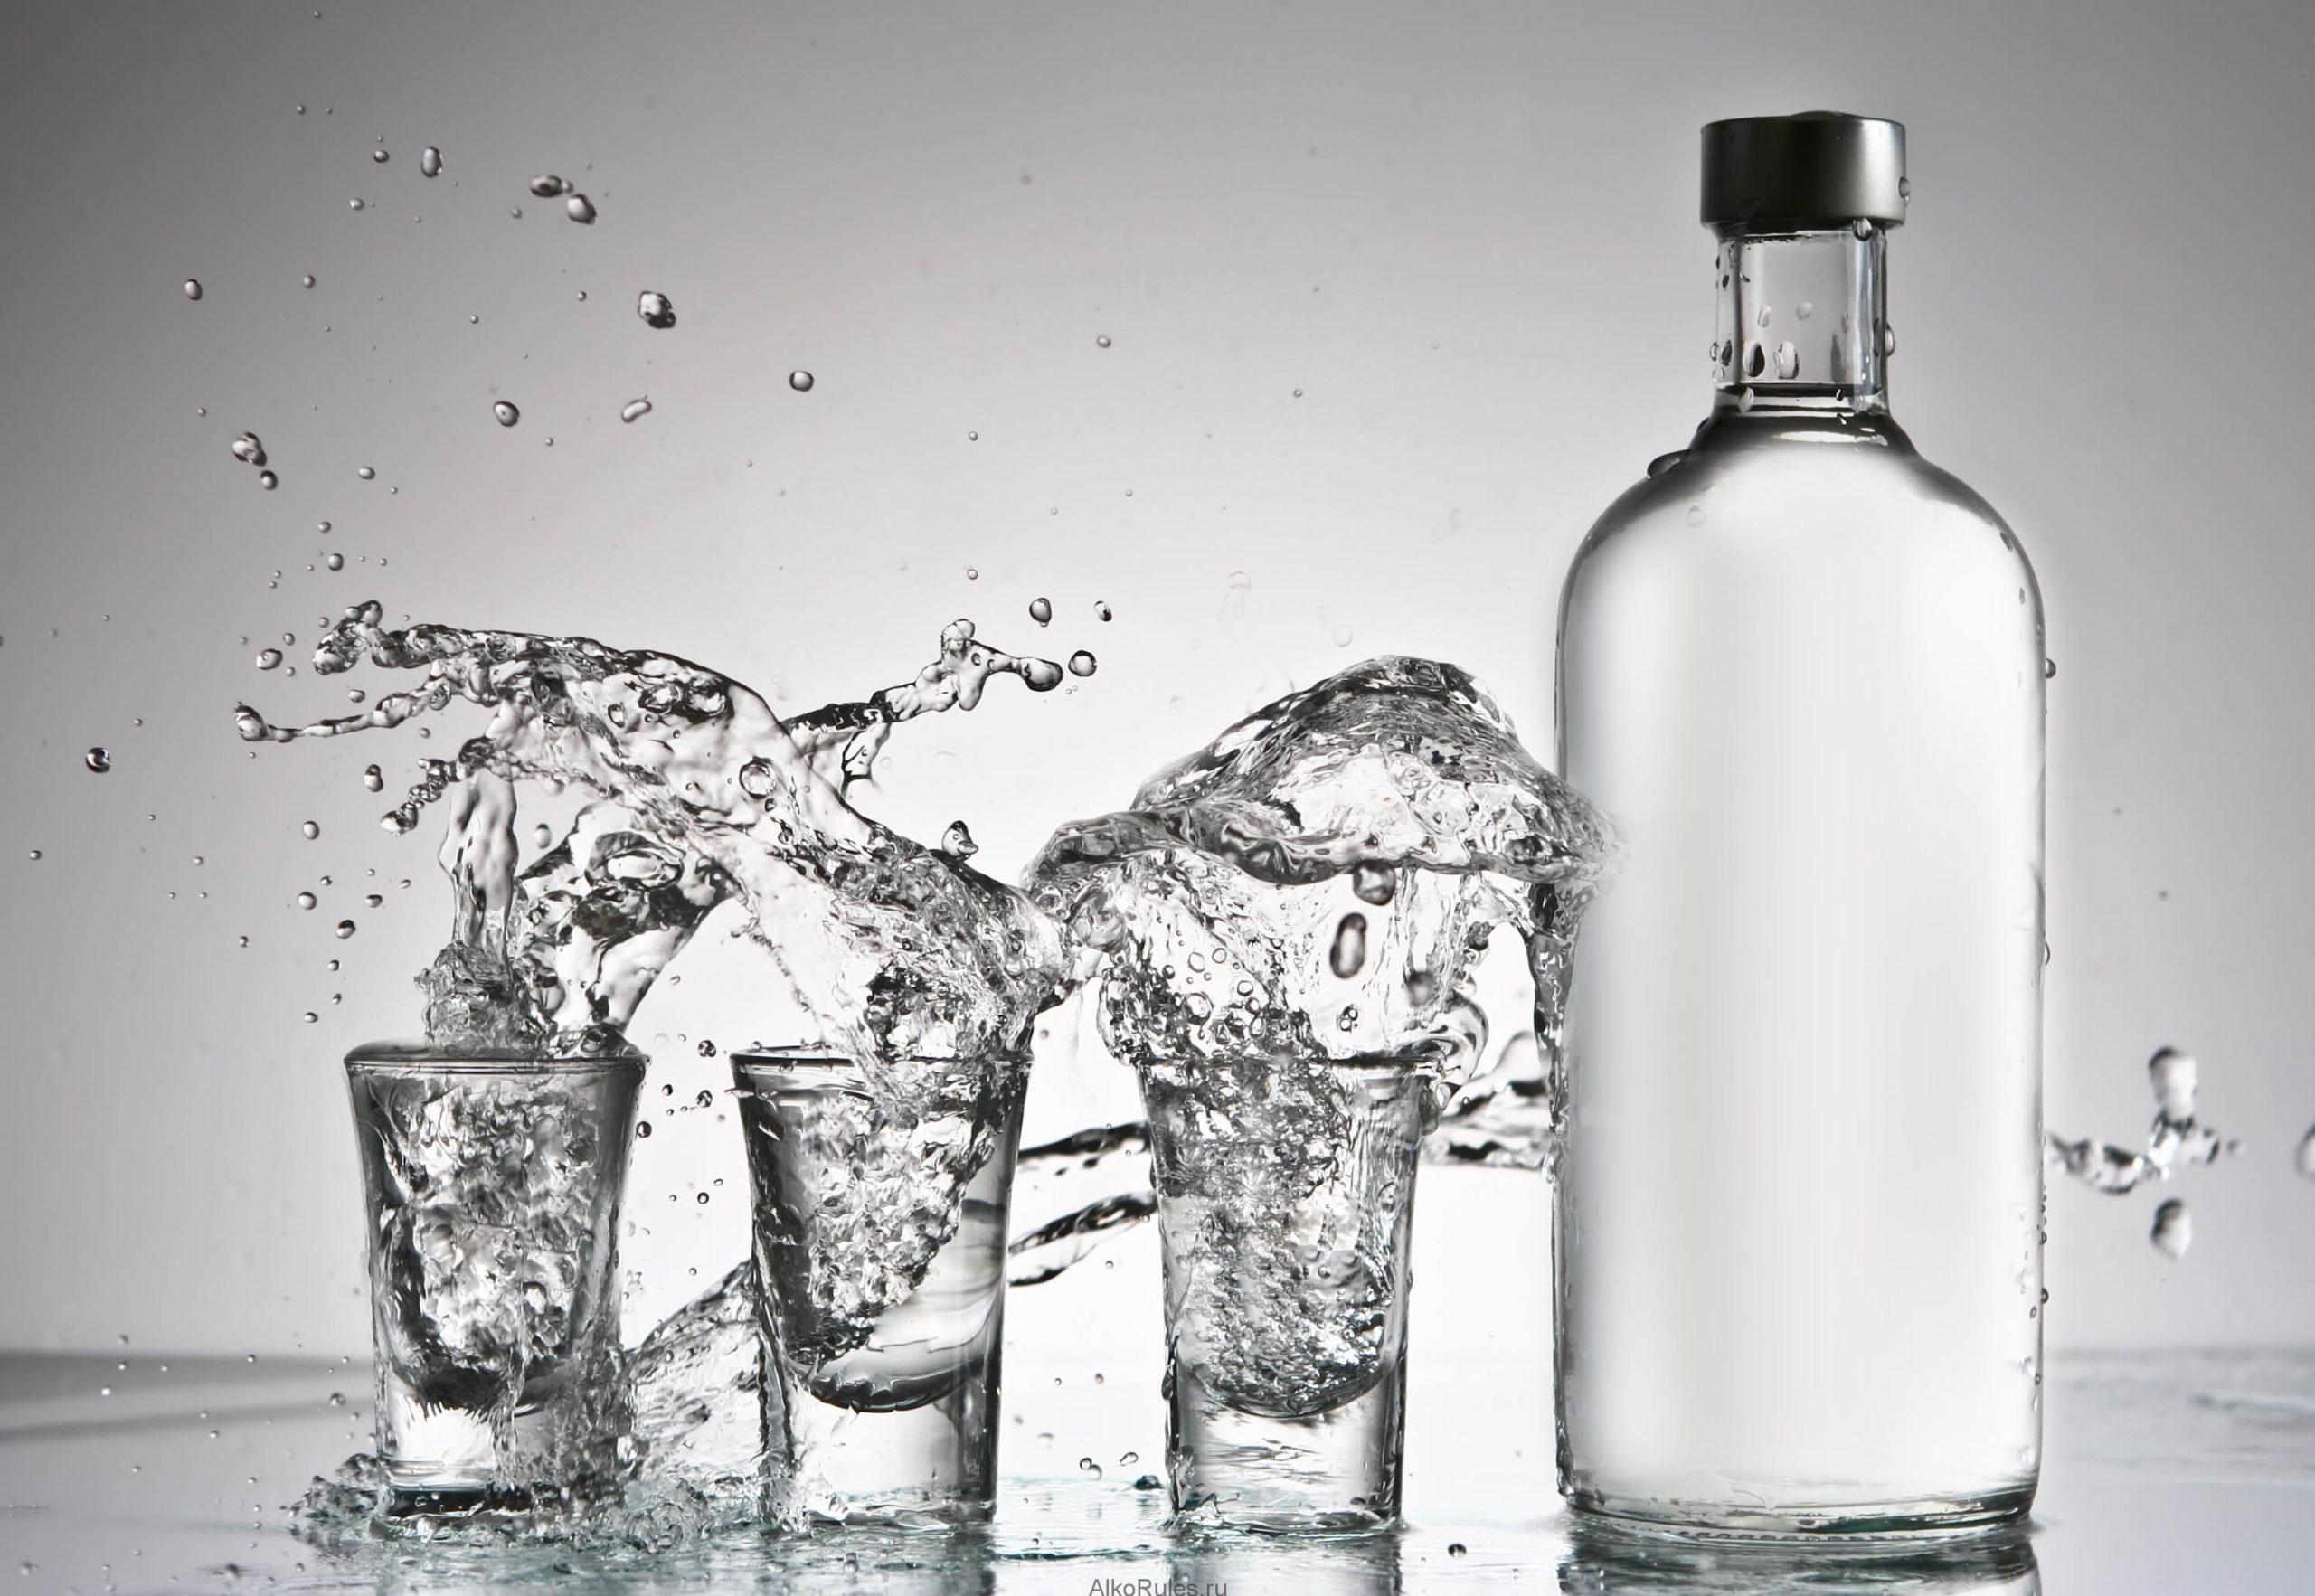 Волинянин сплатить 85 тисяч гривень штрафу за торгівлю контрафактним спиртним